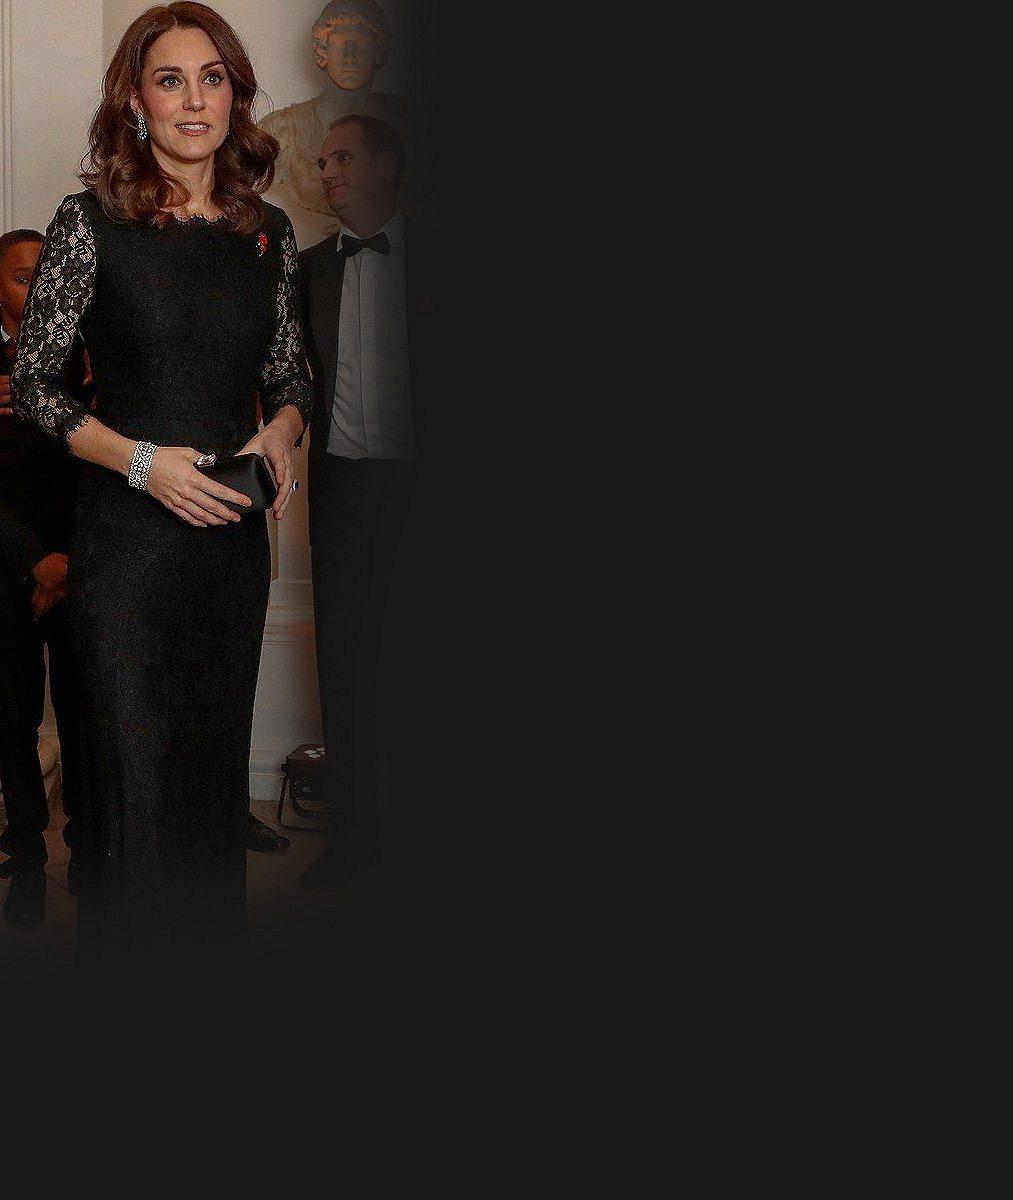 Vévodkyně Kate maskovala rostoucí bříško kabelkou: V dubnu bude trojnásobnou maminkou